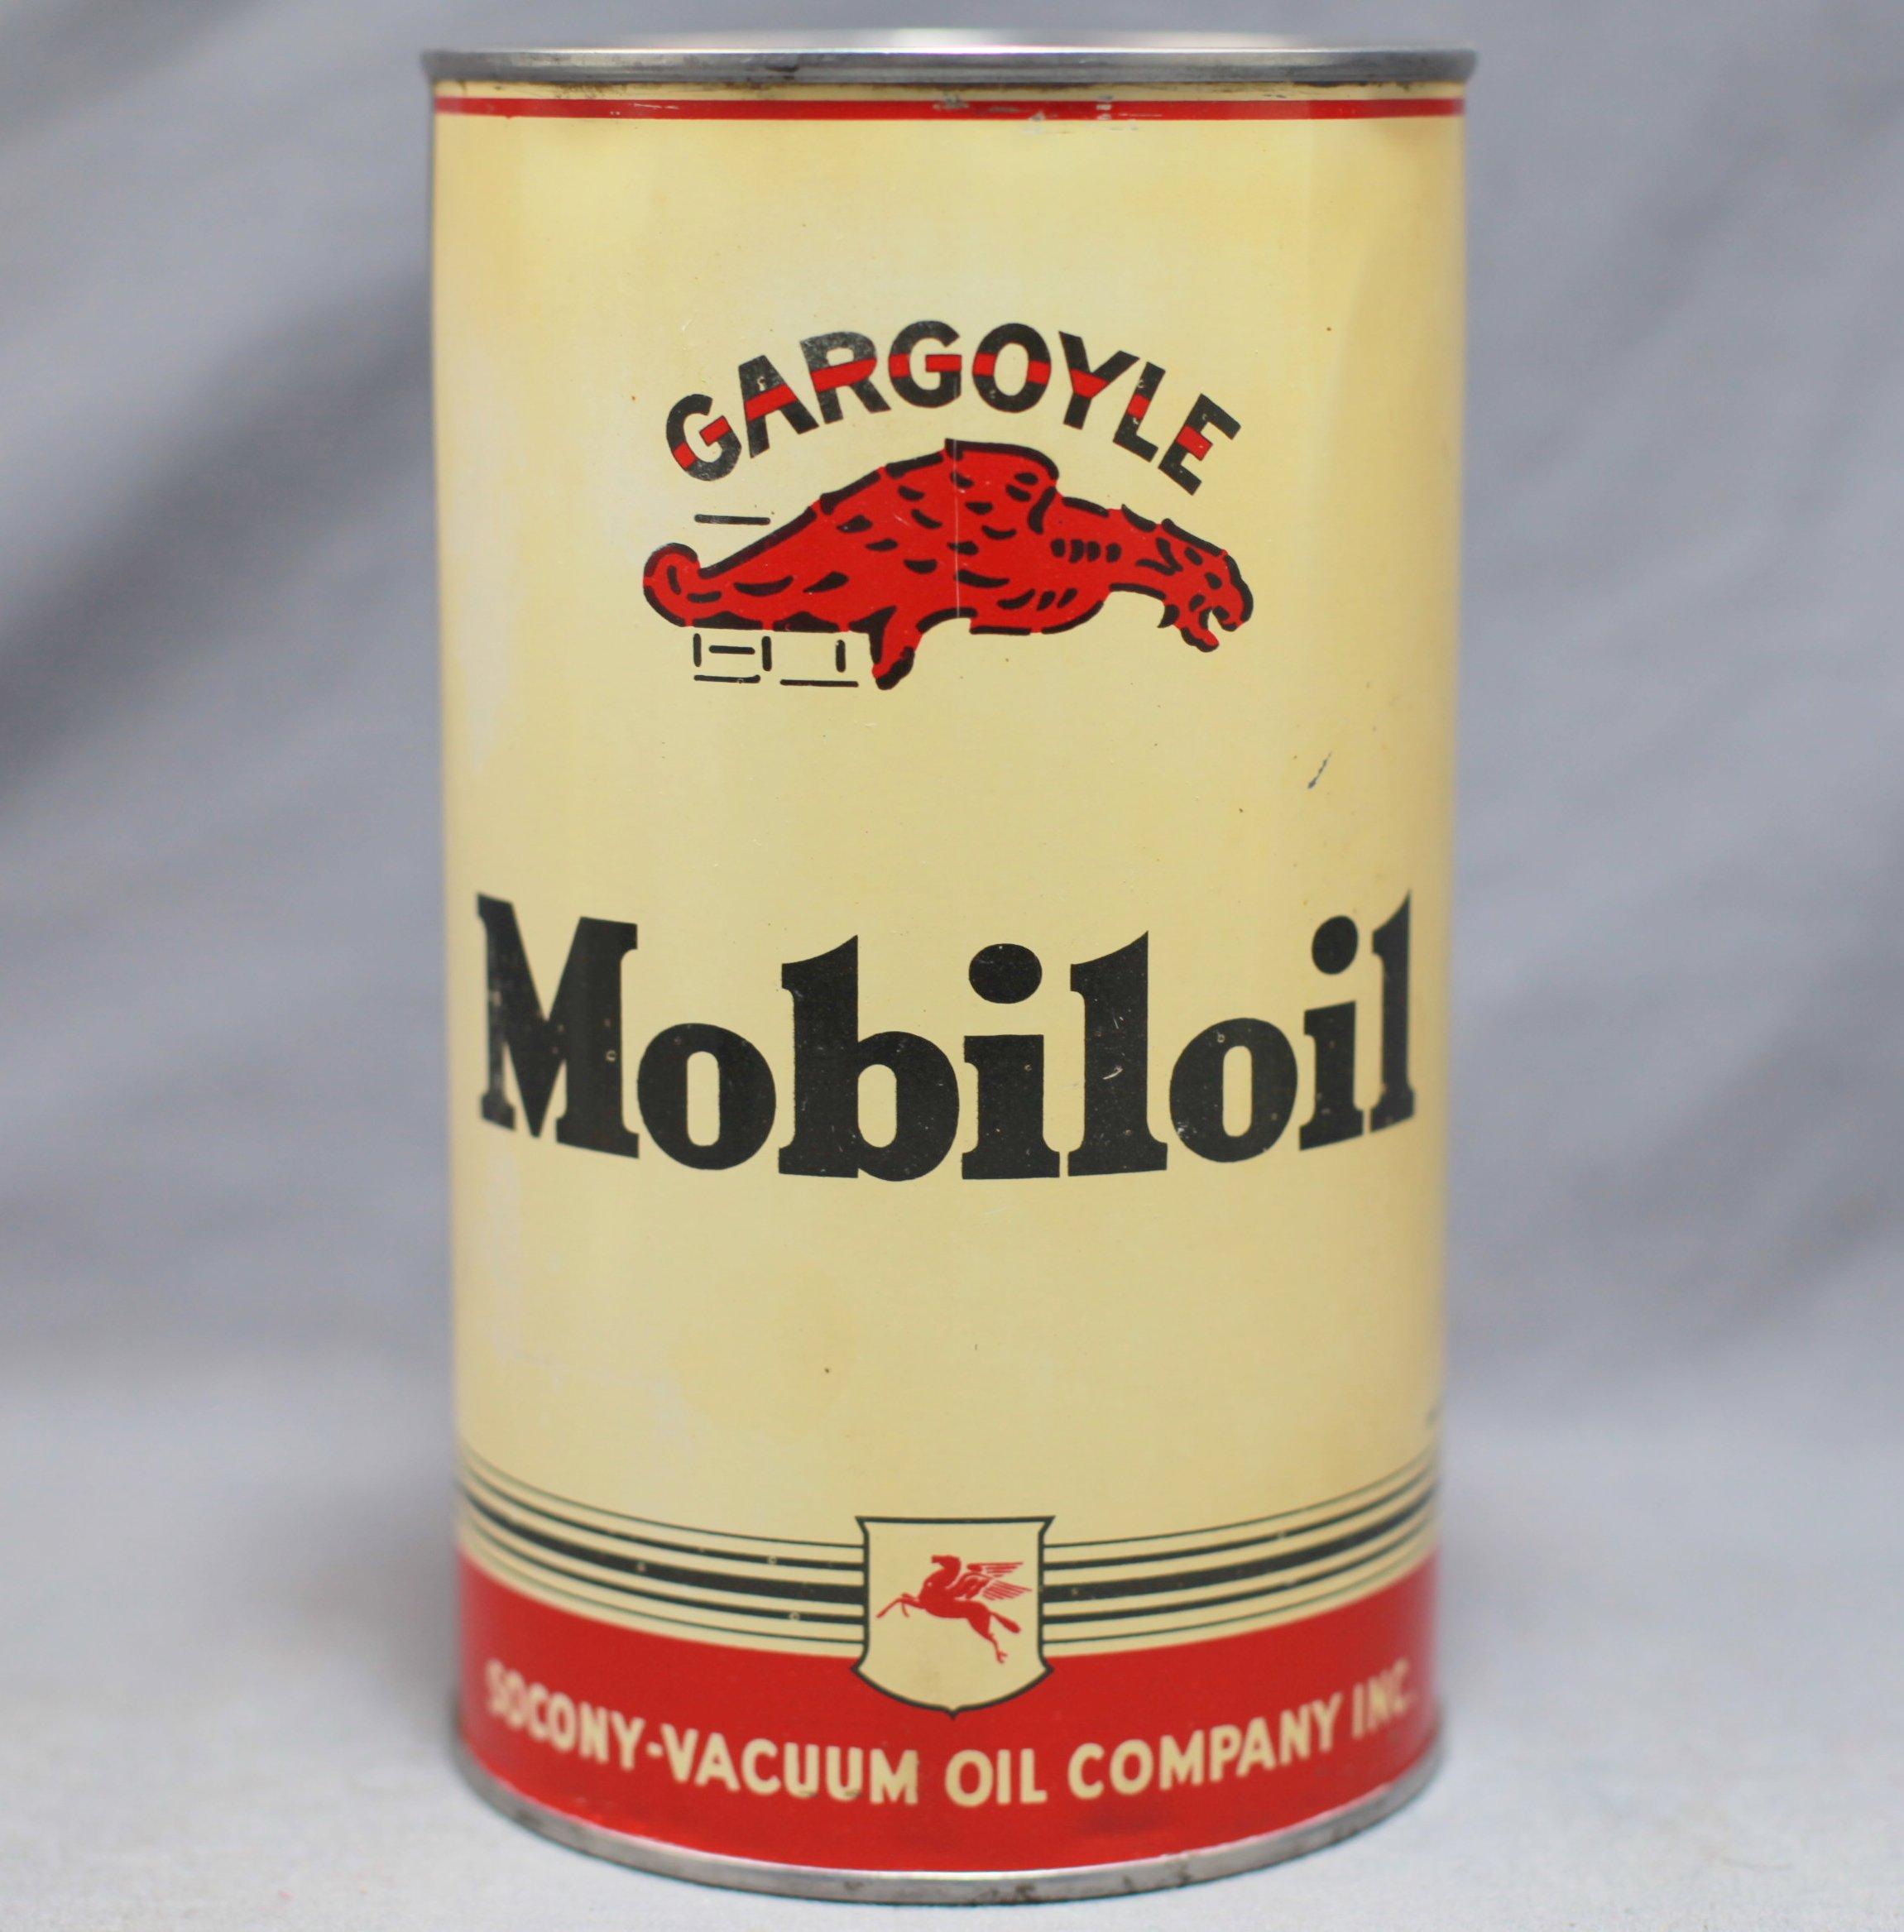 Mobiloil Gargoyle Quart Can